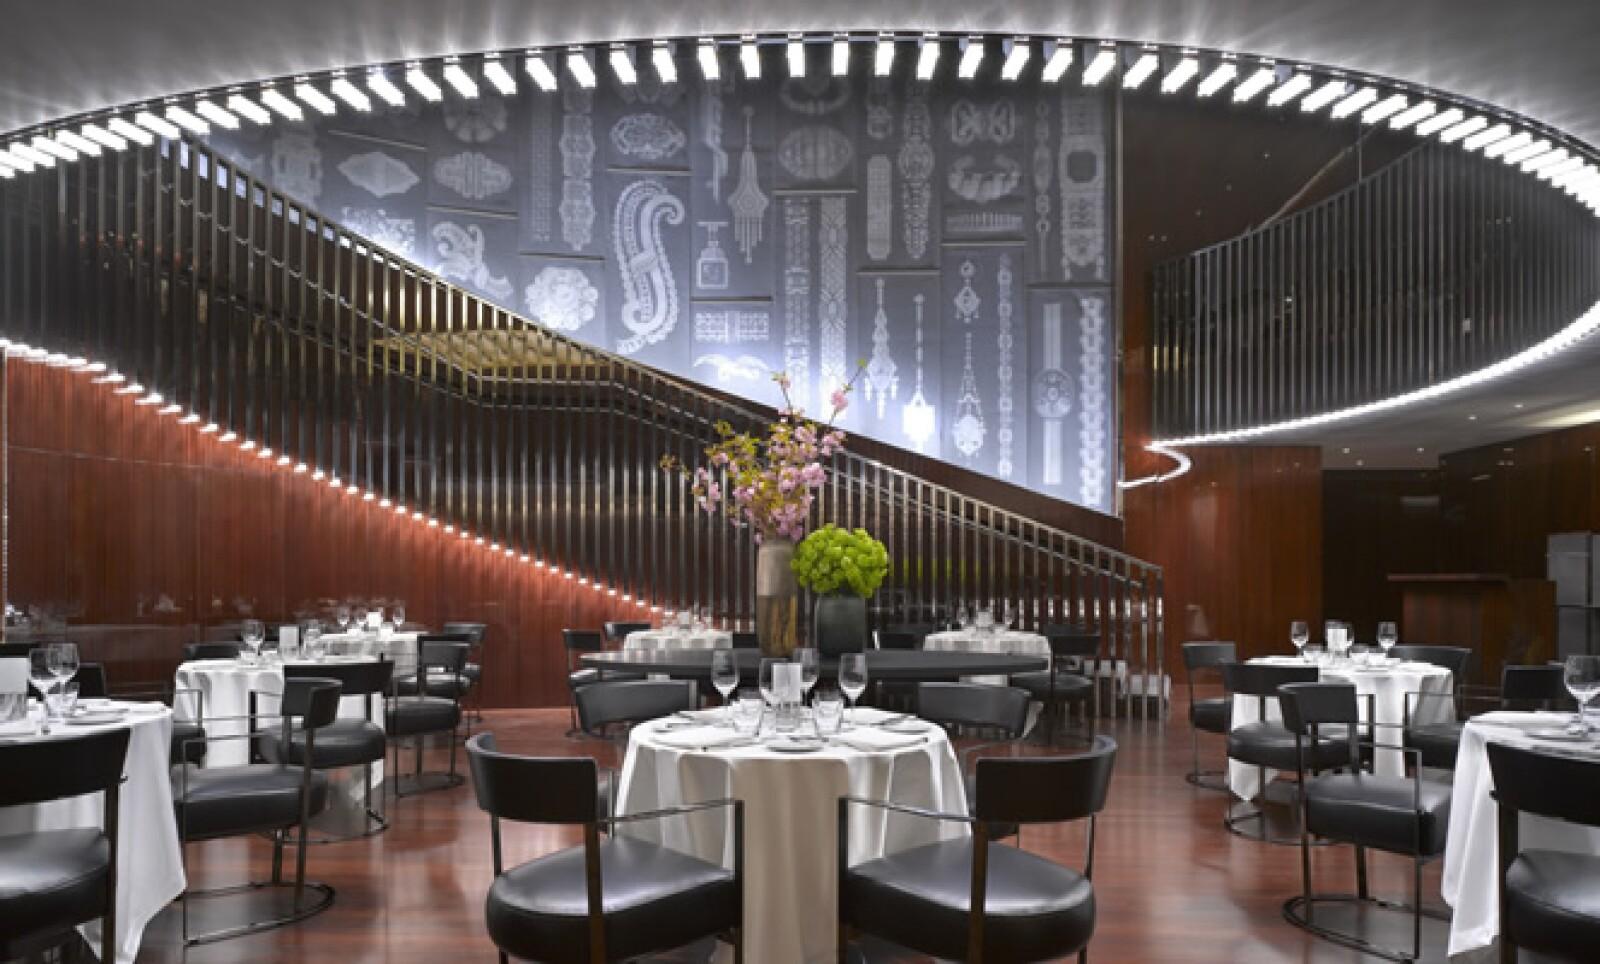 La marca italiana de lujo inauguró su hotel en la capital de Inglaterra, justo a tiempo para la inauguración de los Juegos Olímpicos de 2012.